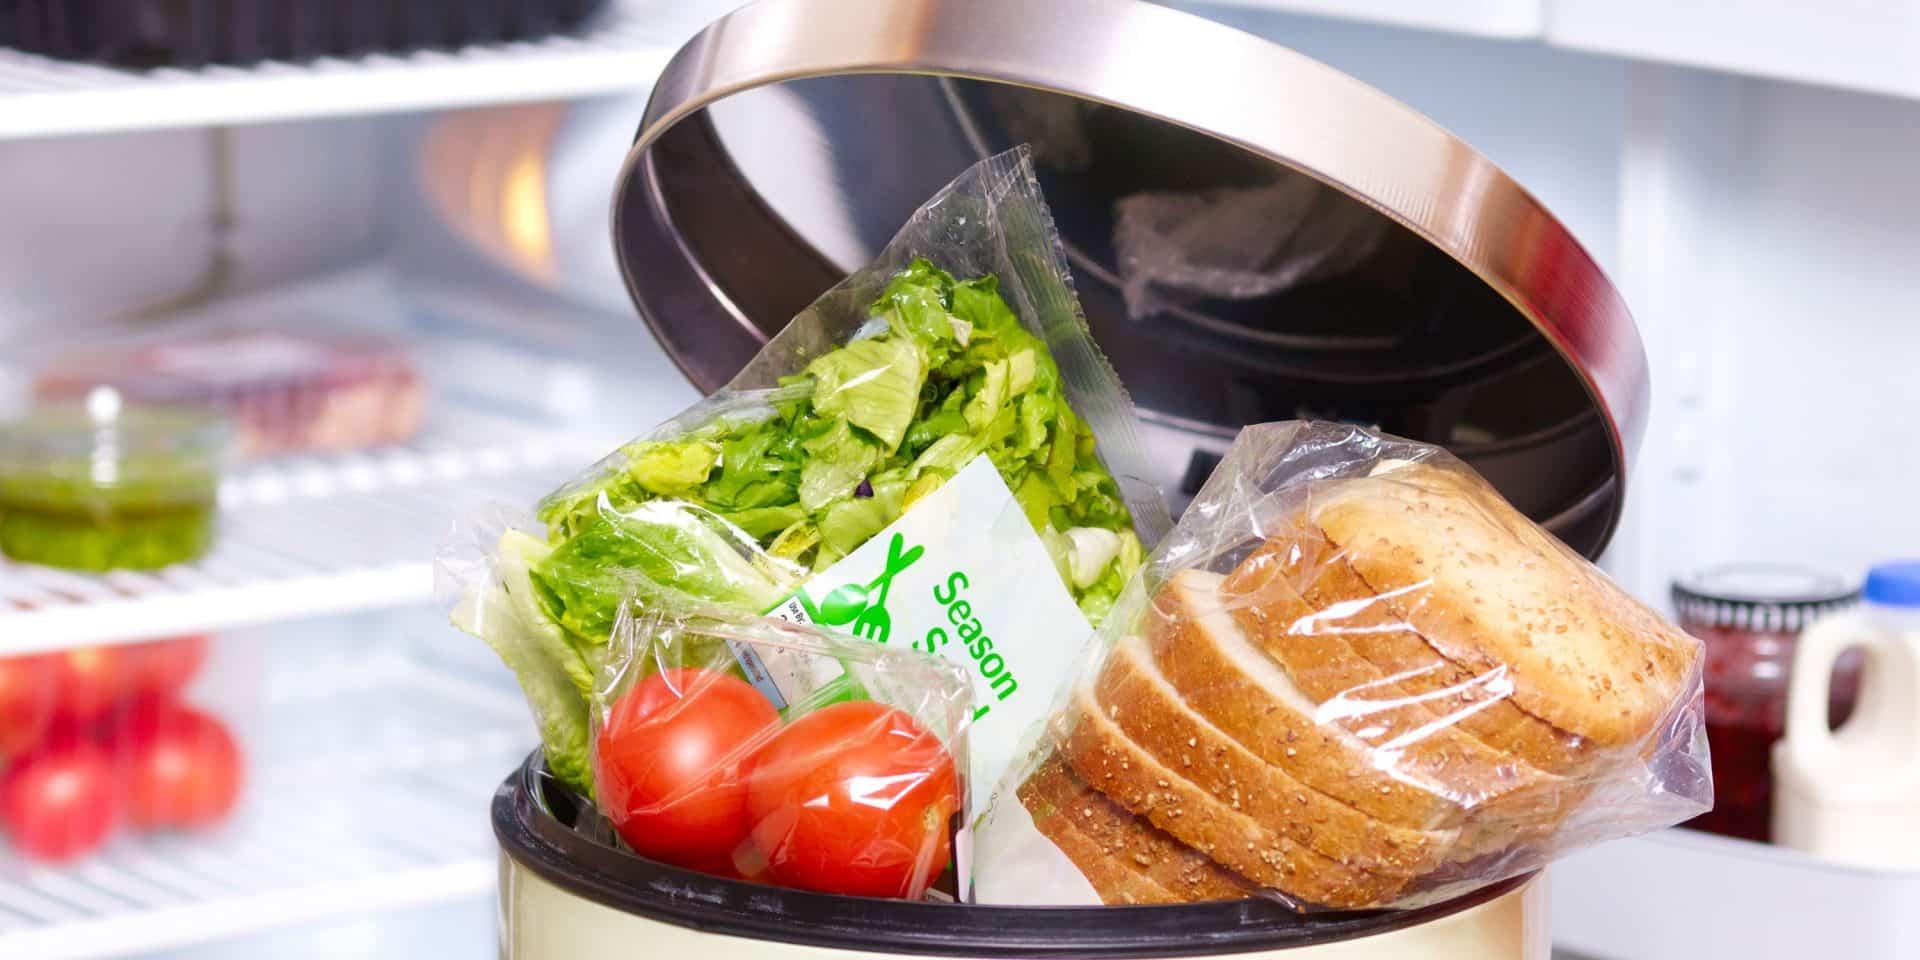 утилизация продуктов с истекшим сроком годности